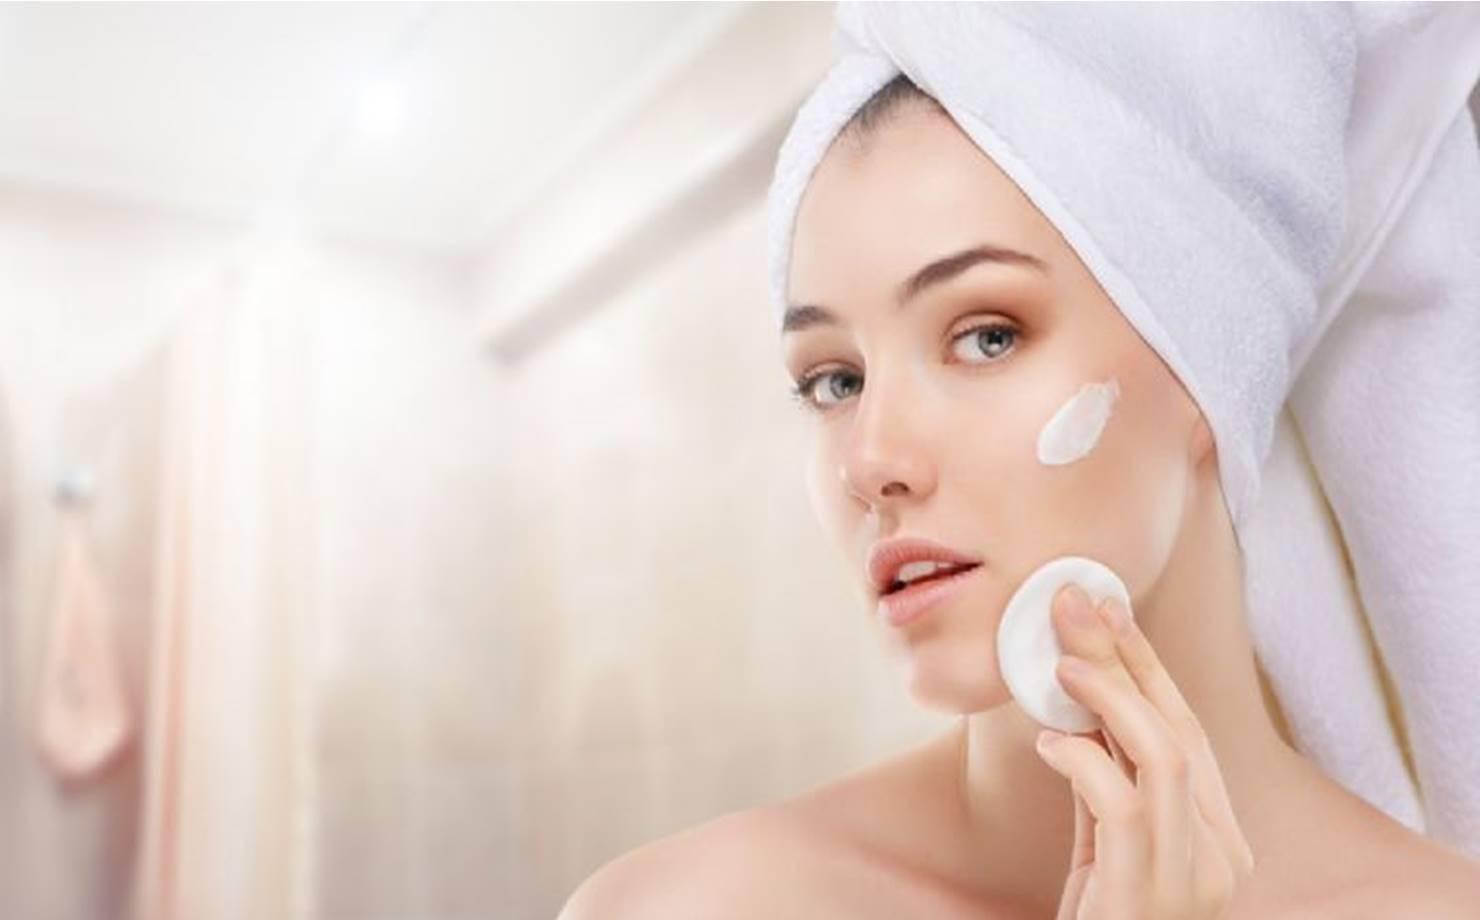 Quais são os erros mais comuns na hora de cuidar da pele do rosto?